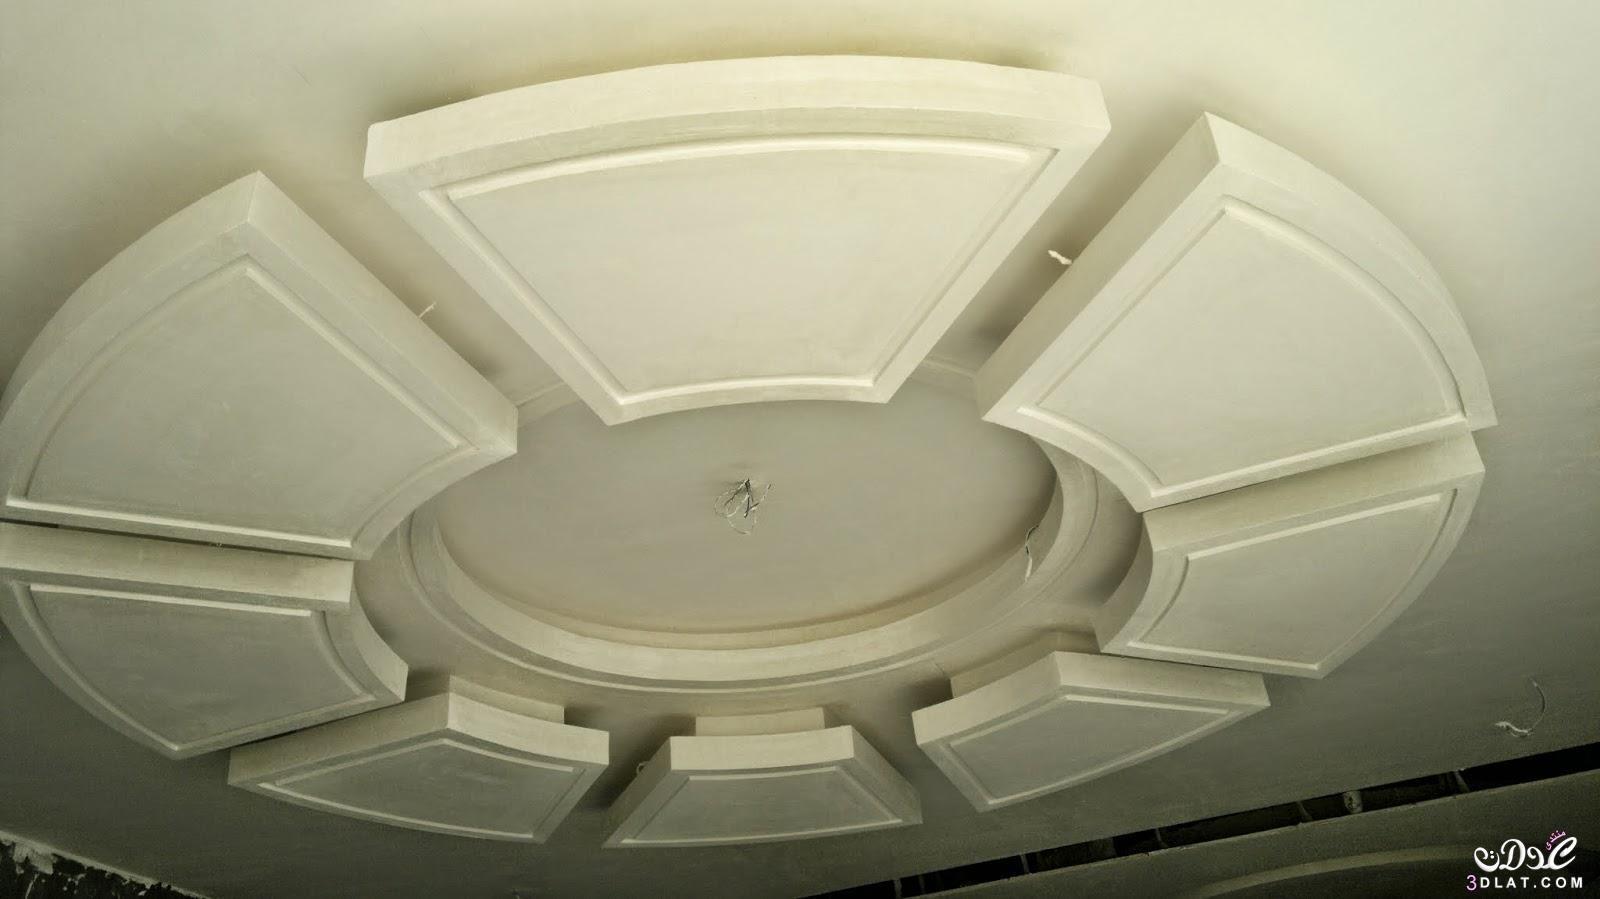 ديكورات جبس مودرن 2018 بورد غرف نوم مجالس صالونات اسقف وحوائط معلقة ديكورات جبسية لشقق رائعه Decor Home Decor Kitchen Design